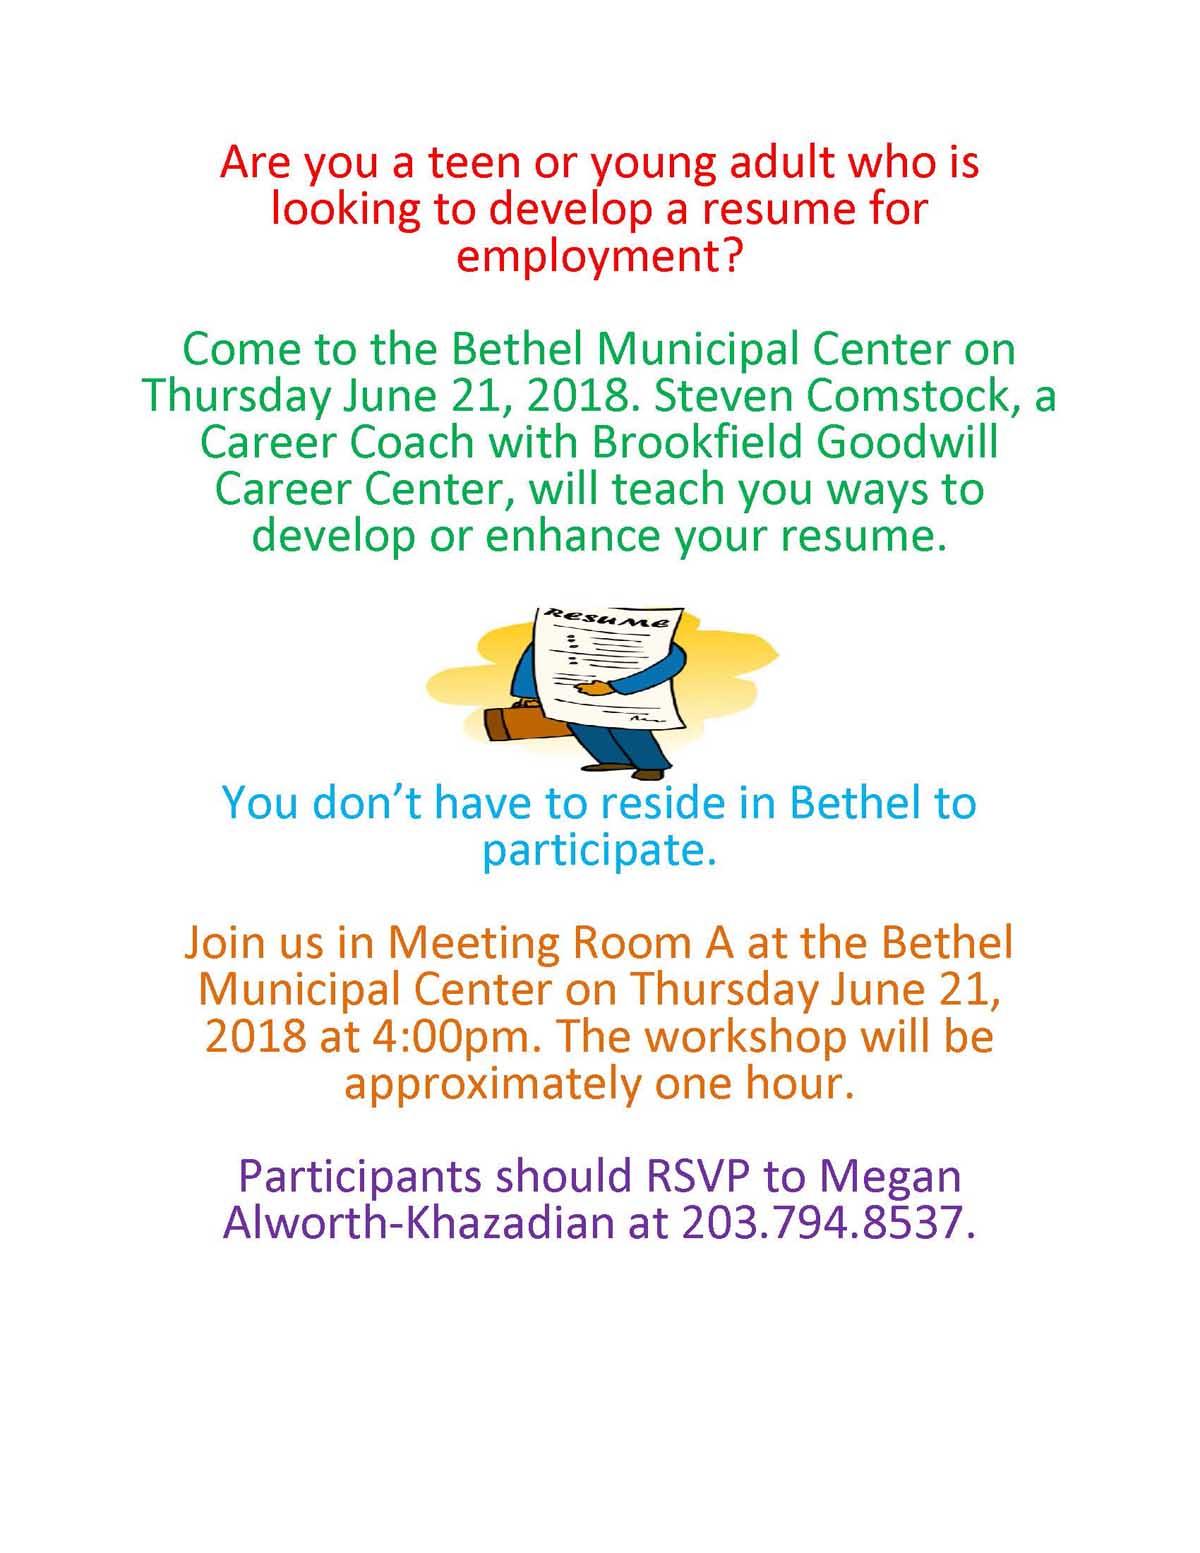 Resume Workshop In Bethel On June 21